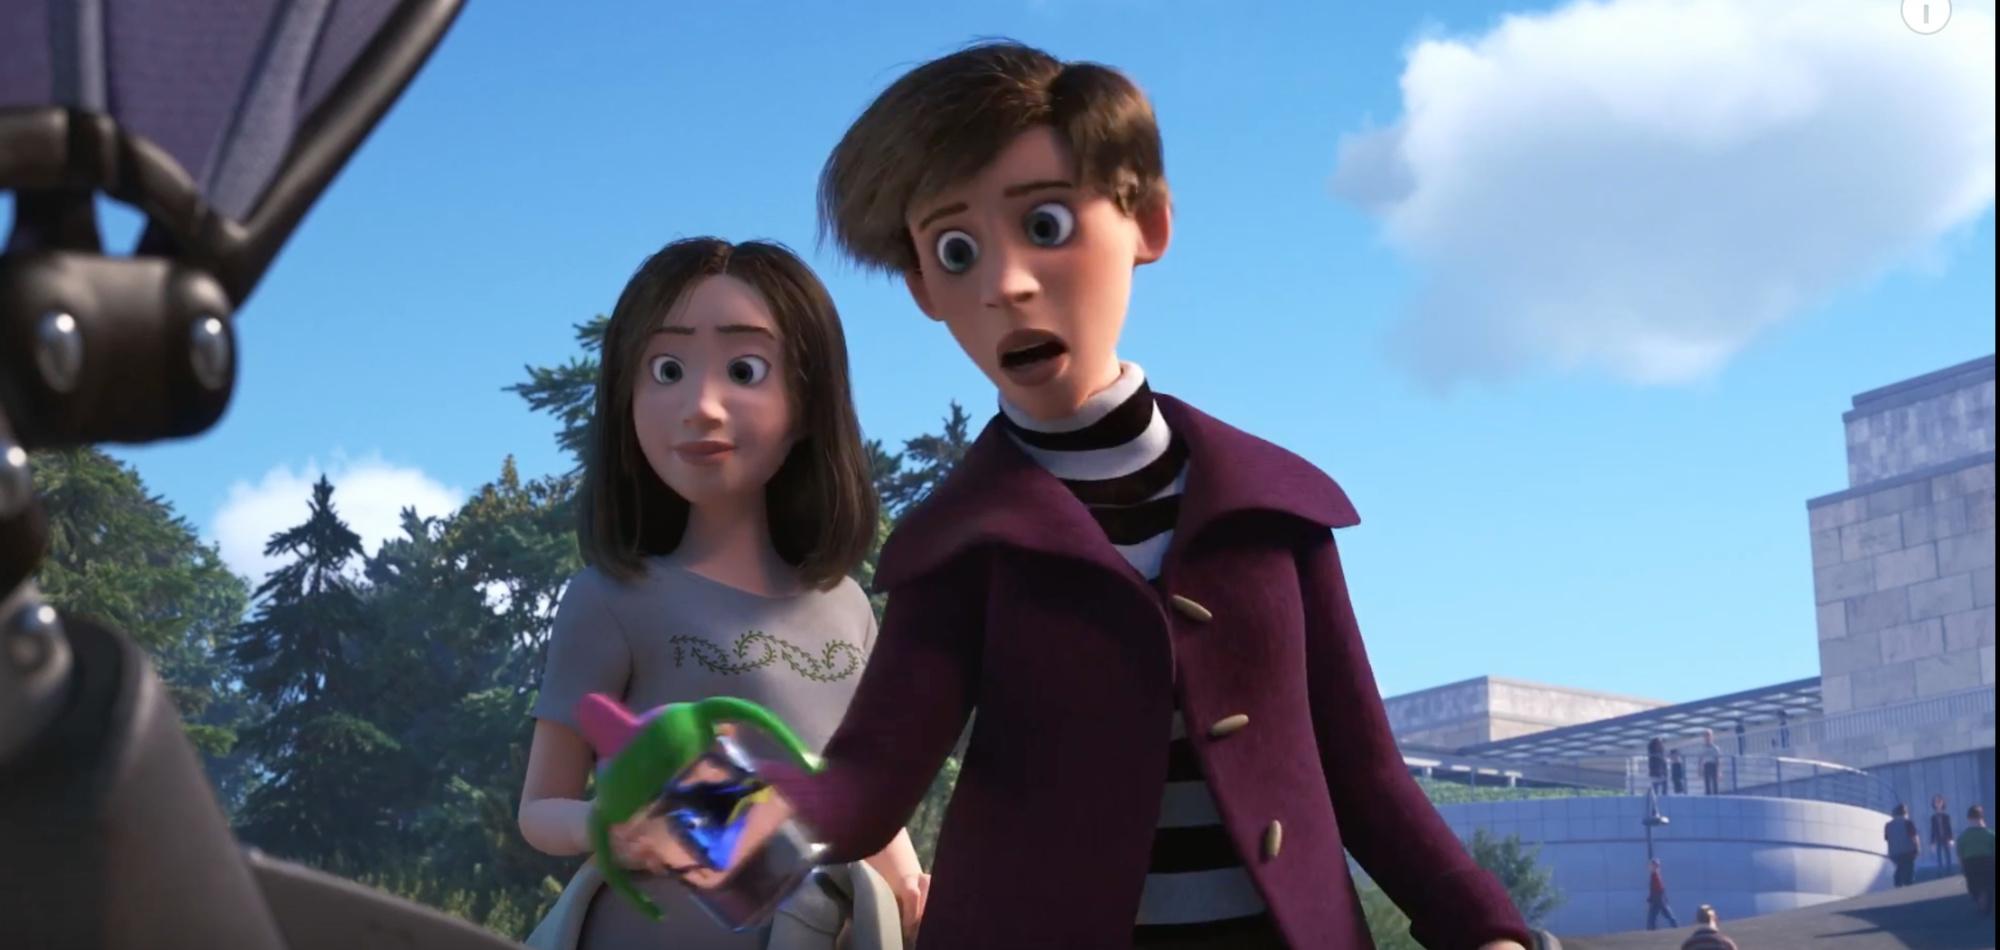 Un couple lesbien dans Le Monde de Dory, Pixar